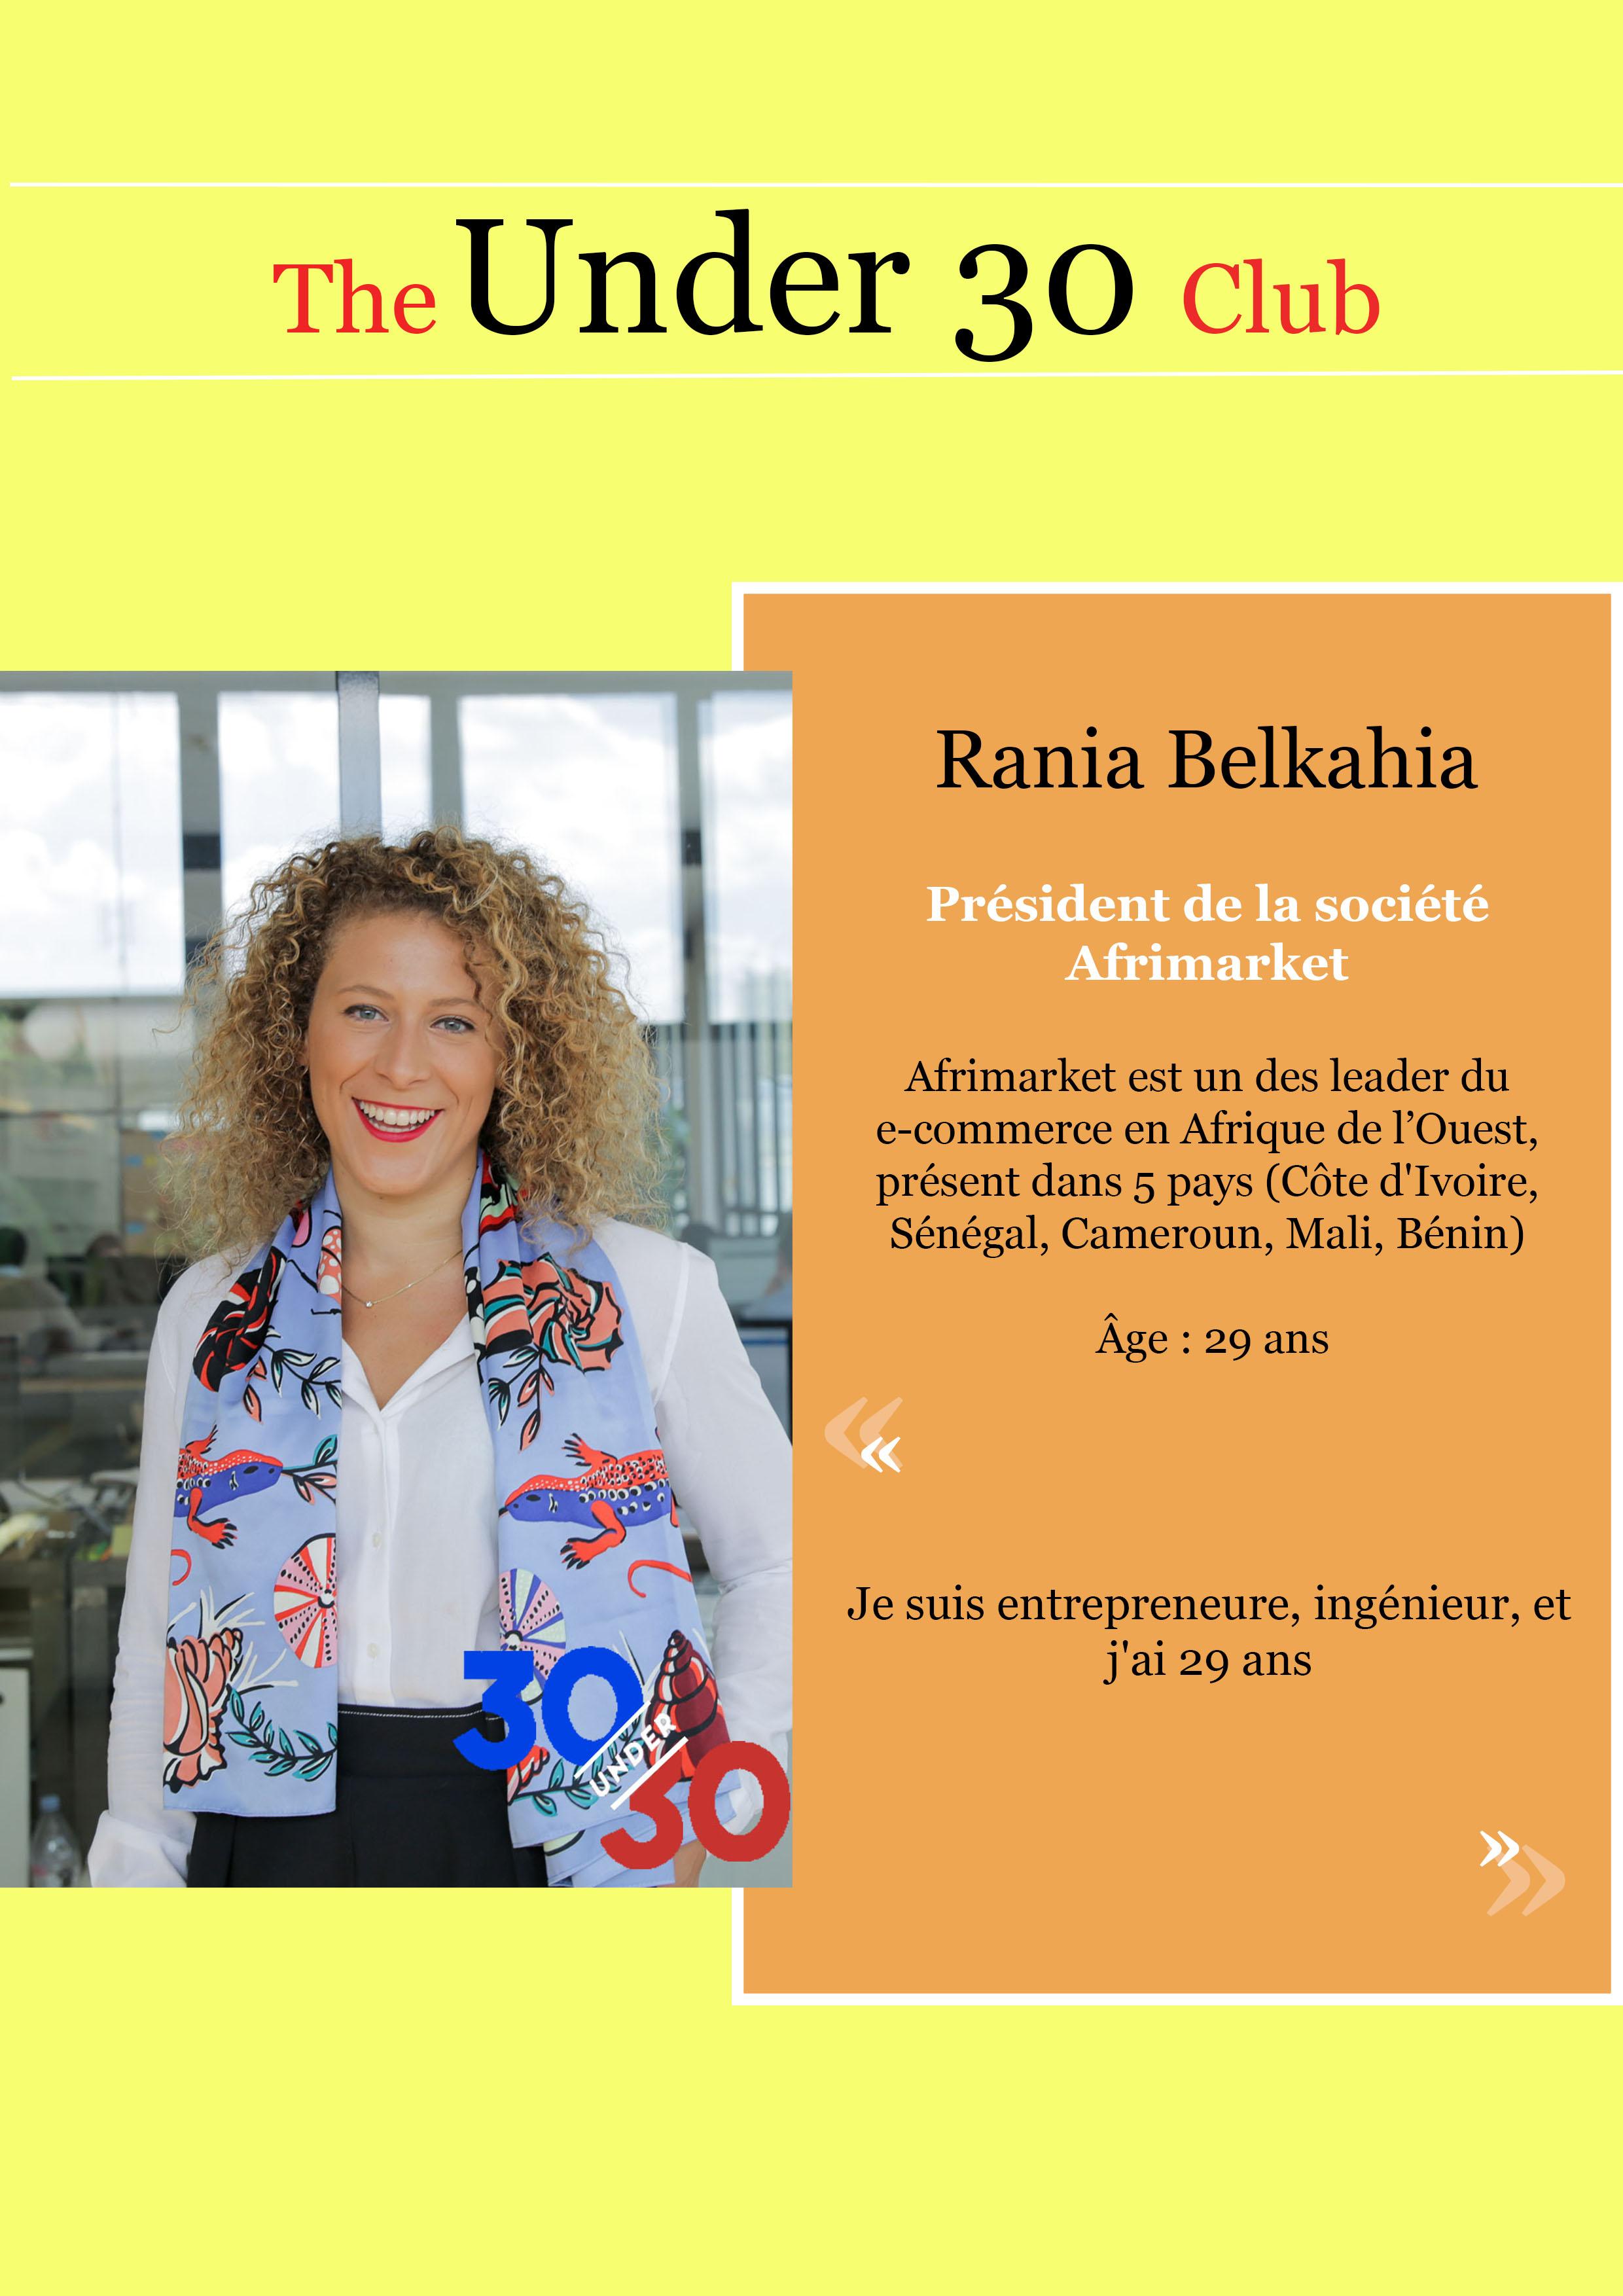 Rania Belkahia